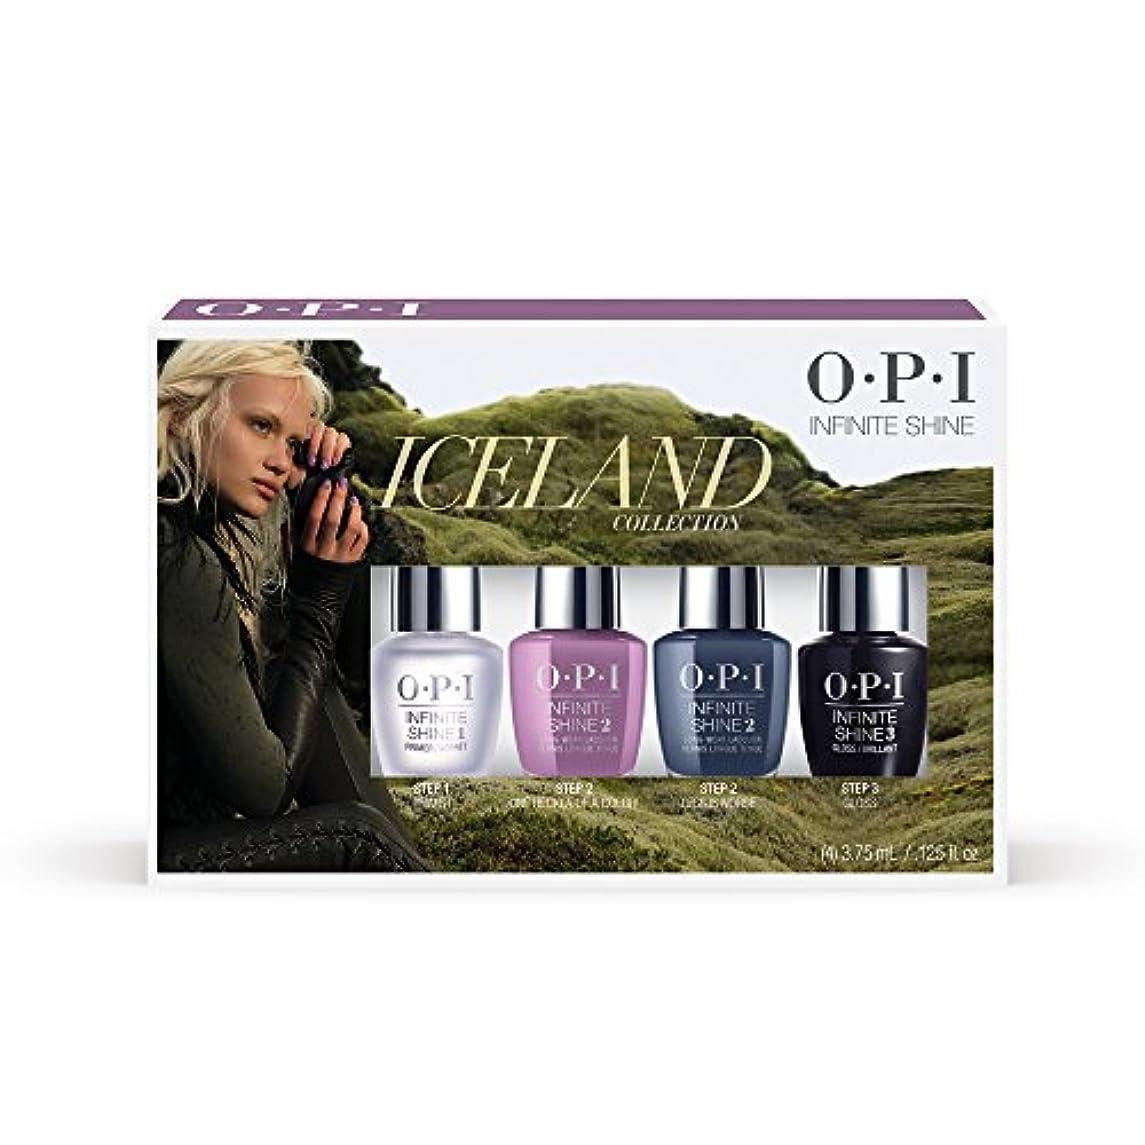 フェンス地元ランクOPI(オーピーアイ) アイスランド コレクション インフィニット シャイン ミニパック